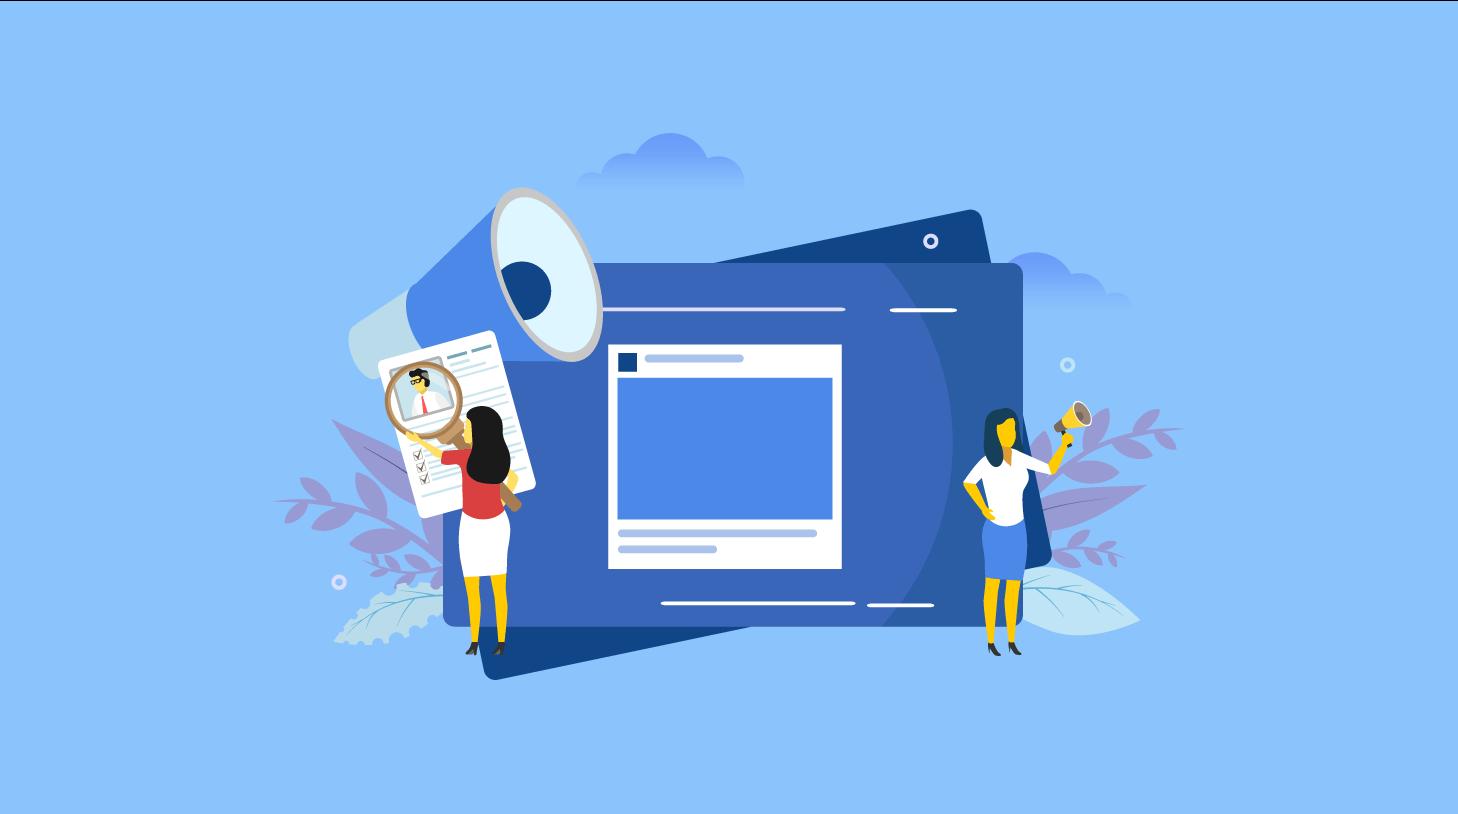 Facebook là kênh social lớn nhất hiện nay, là nơi để mỗi cá nhân có khả năng giao lưu, bày tỏ khái niệm, biểu hiện tính bí quyết, cuộc sống,…. Một bí quyết thoải mái với những hình thái không giống nhau.